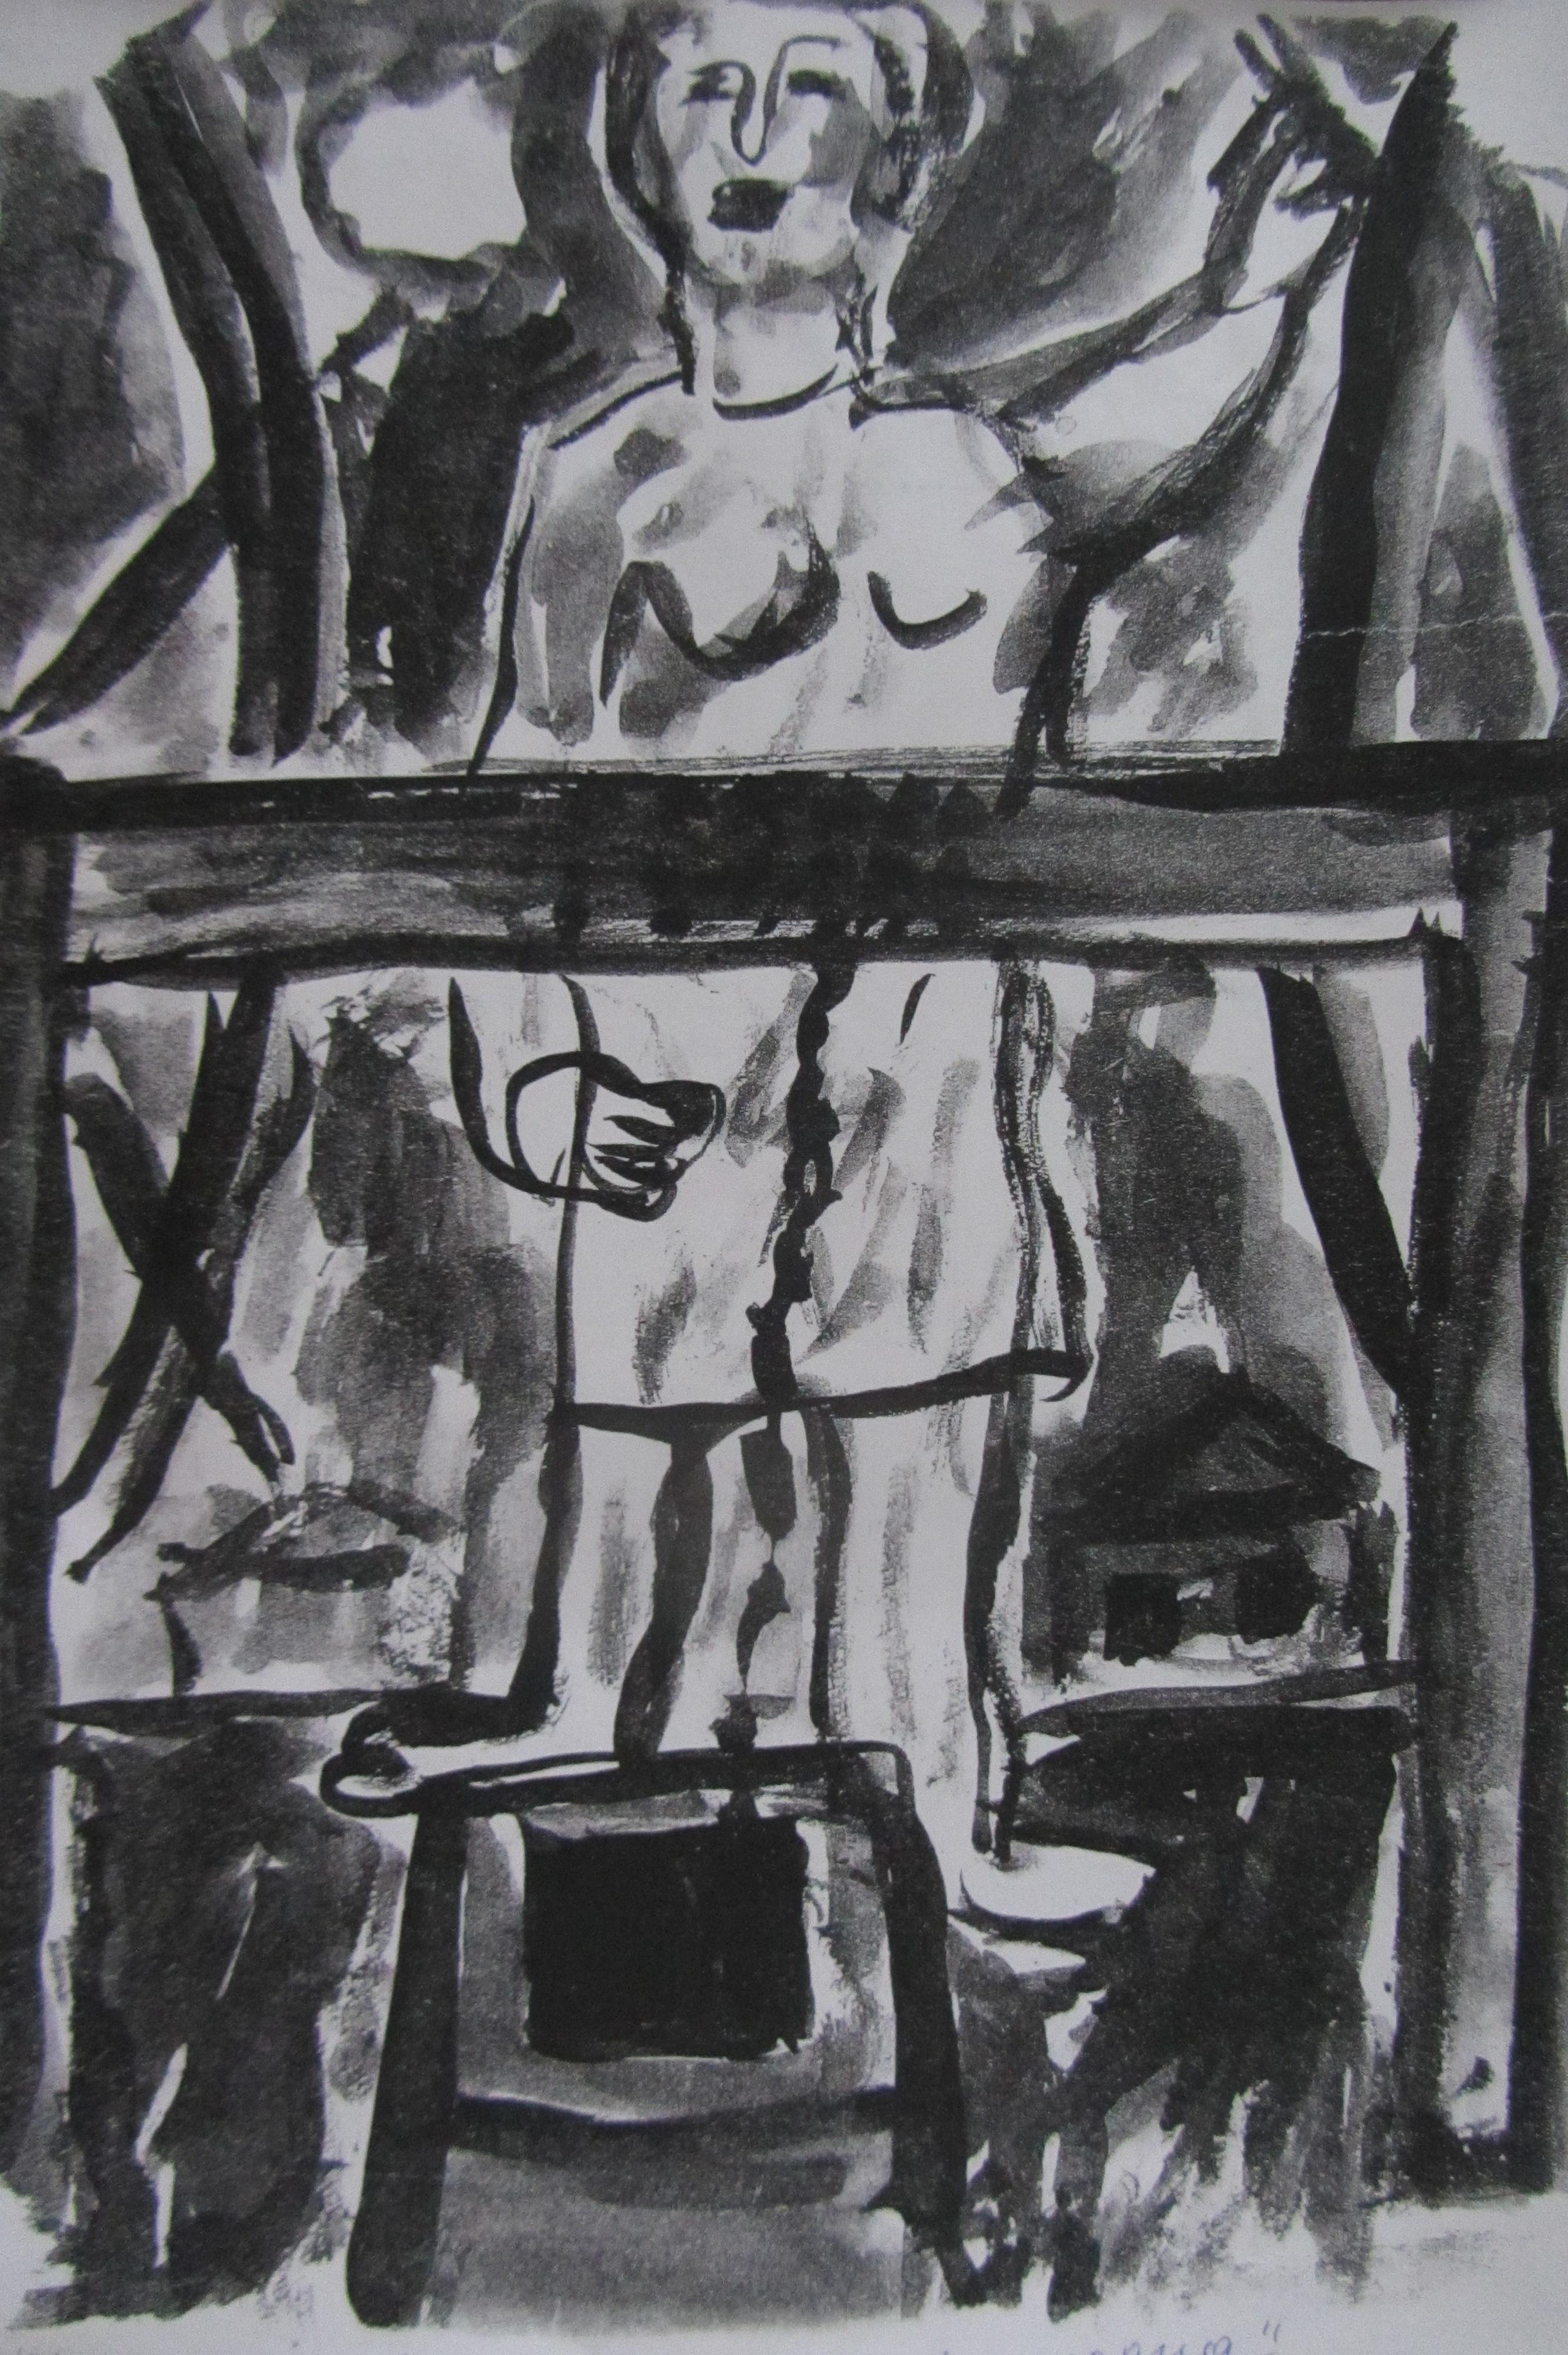 Валерий Кульченко. Ангел на окне мастерской. Острова памяти. Часть 47